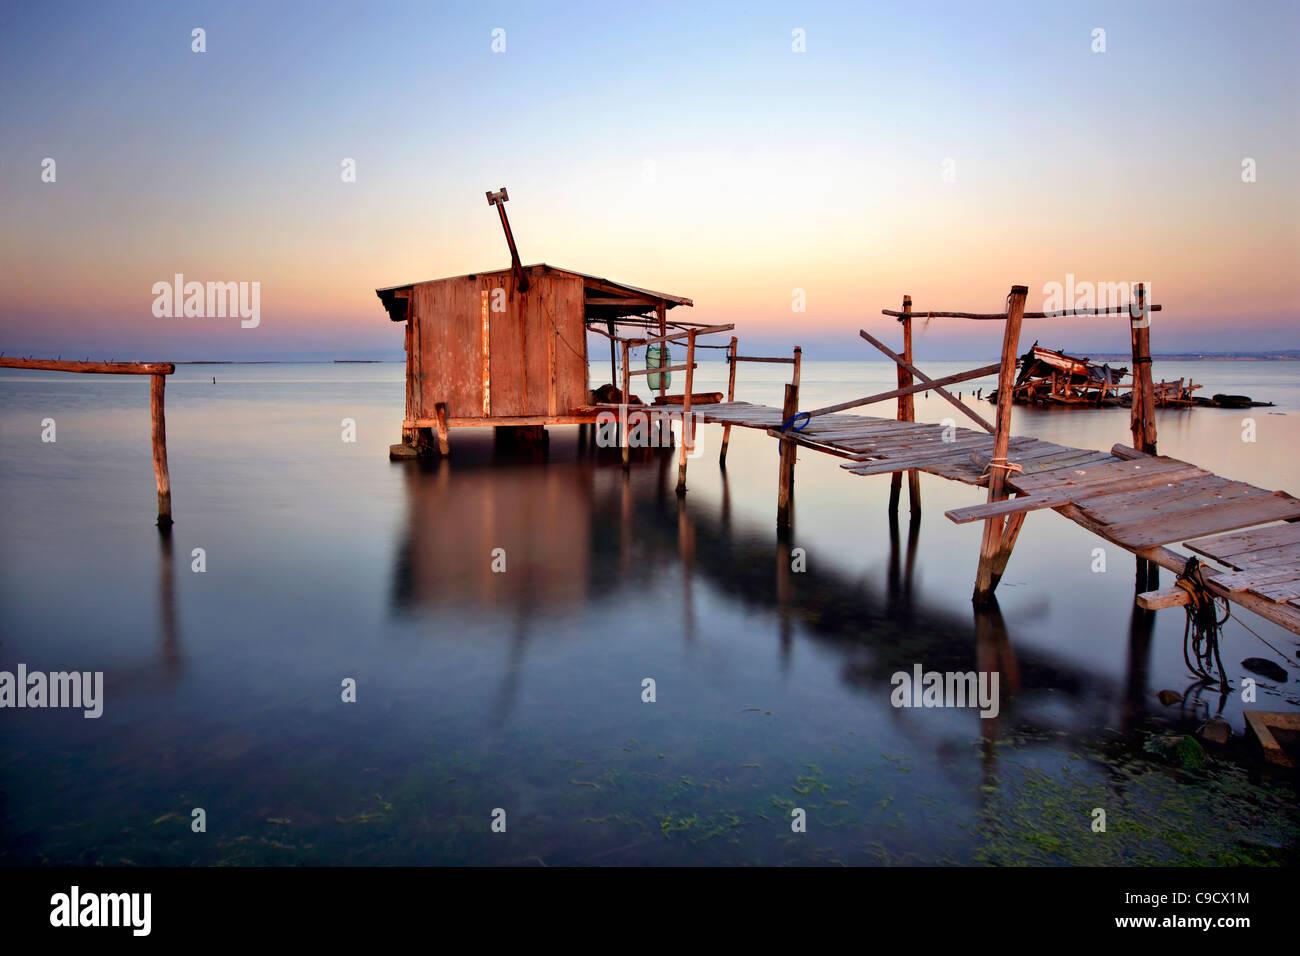 Stilt cabaña en el Delta de Axios (también conocido como 'Vardaris') Río, Tesalónica, Macedonia, Grecia Foto de stock